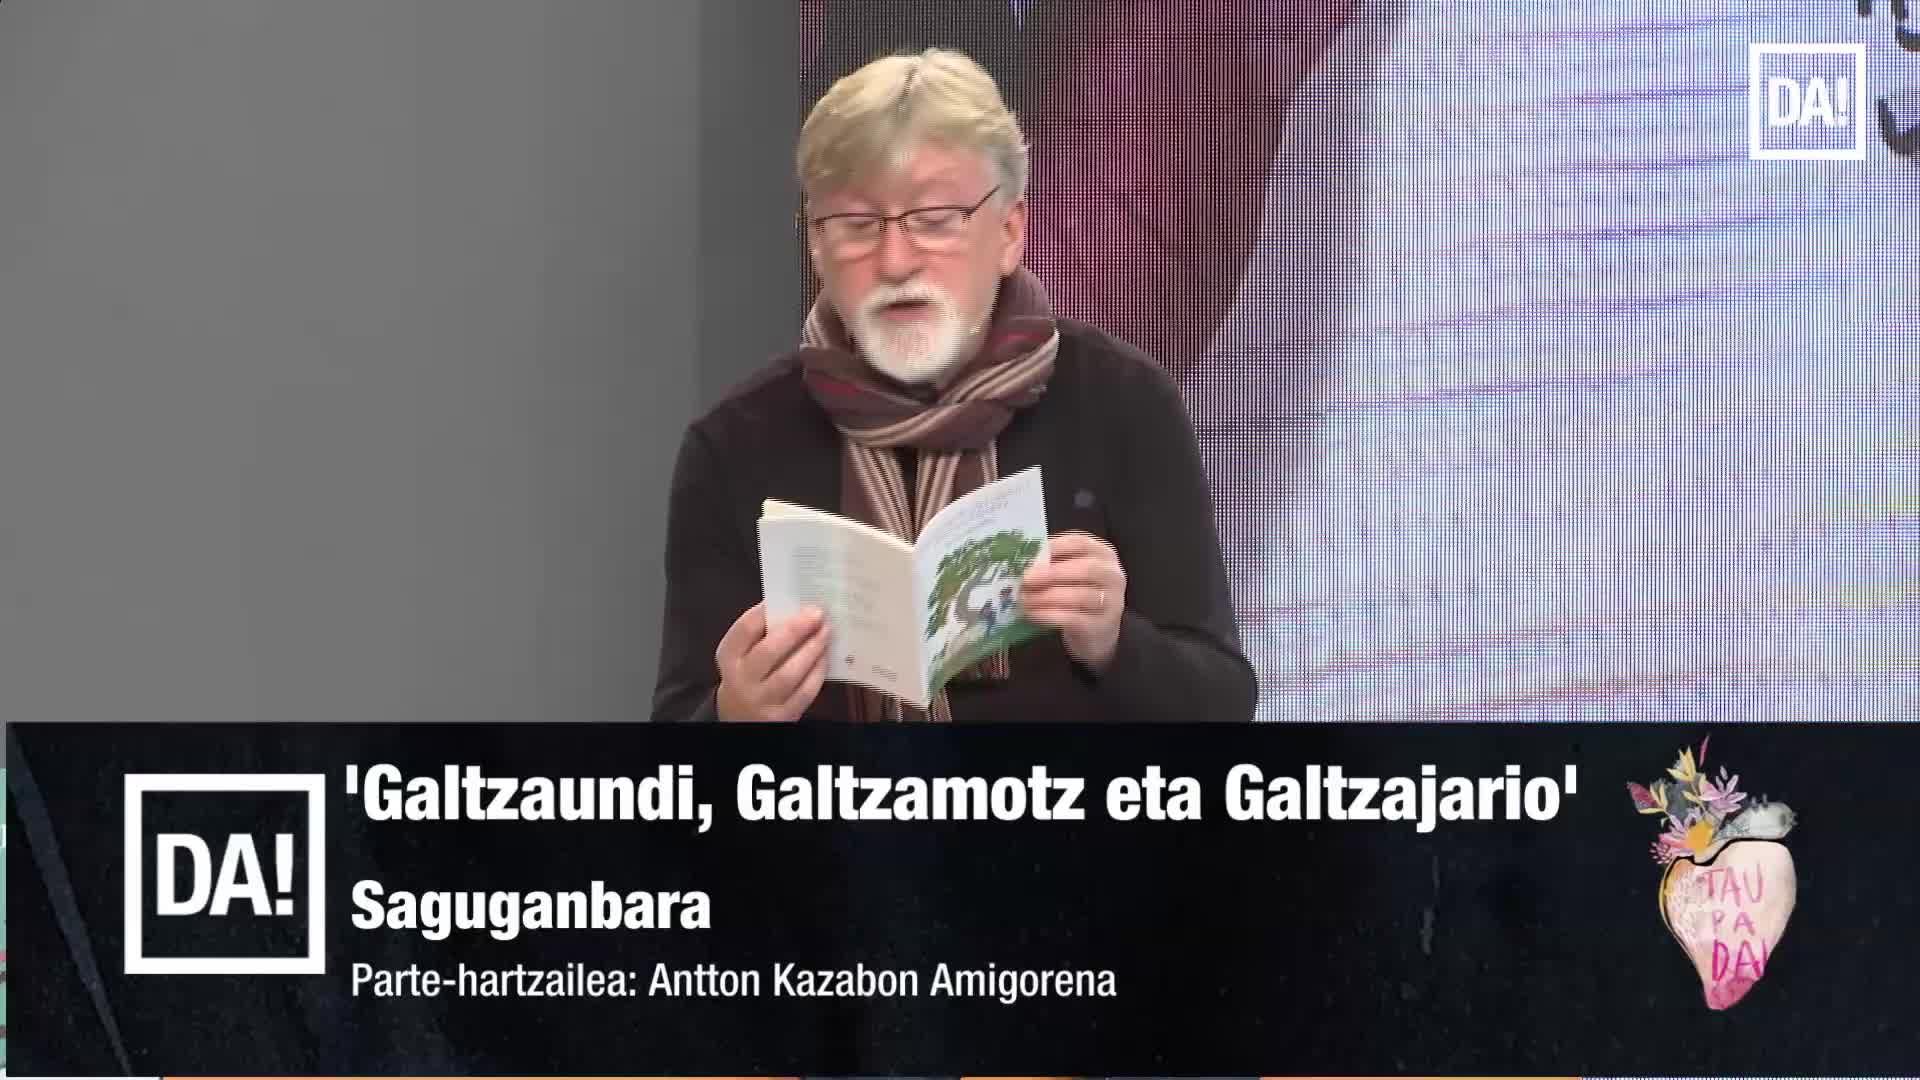 Galtzaundi, Galtzamotz eta Galtzajario